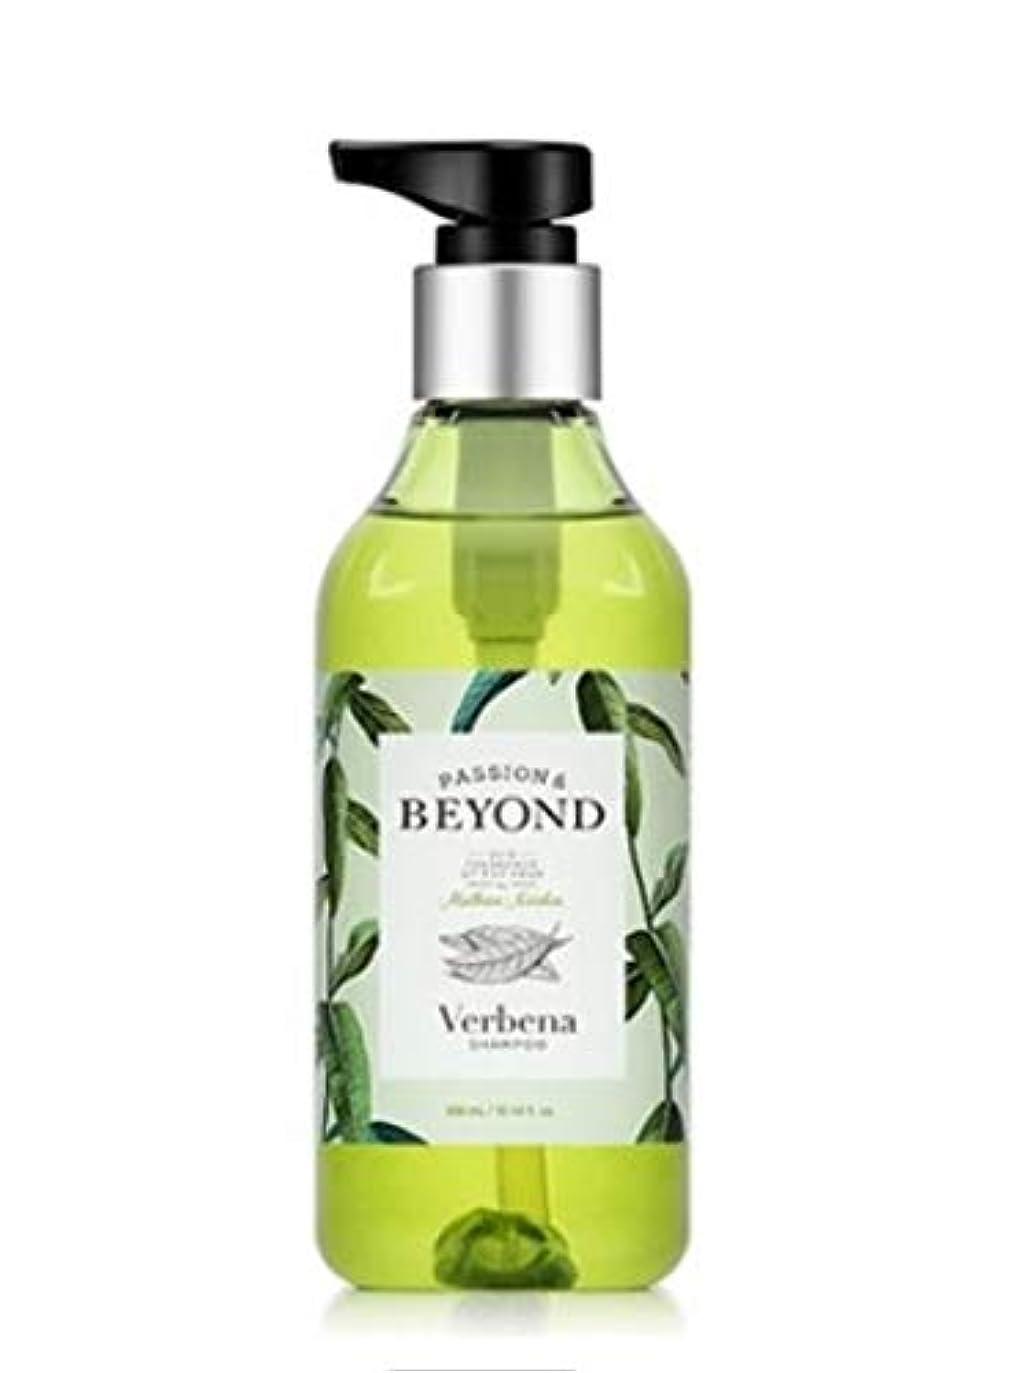 しみ差別的擬人化[ビヨンド] BEYOND [バーベナ シャンプー 300ml] Verbena Shampoo 300ml [海外直送品]